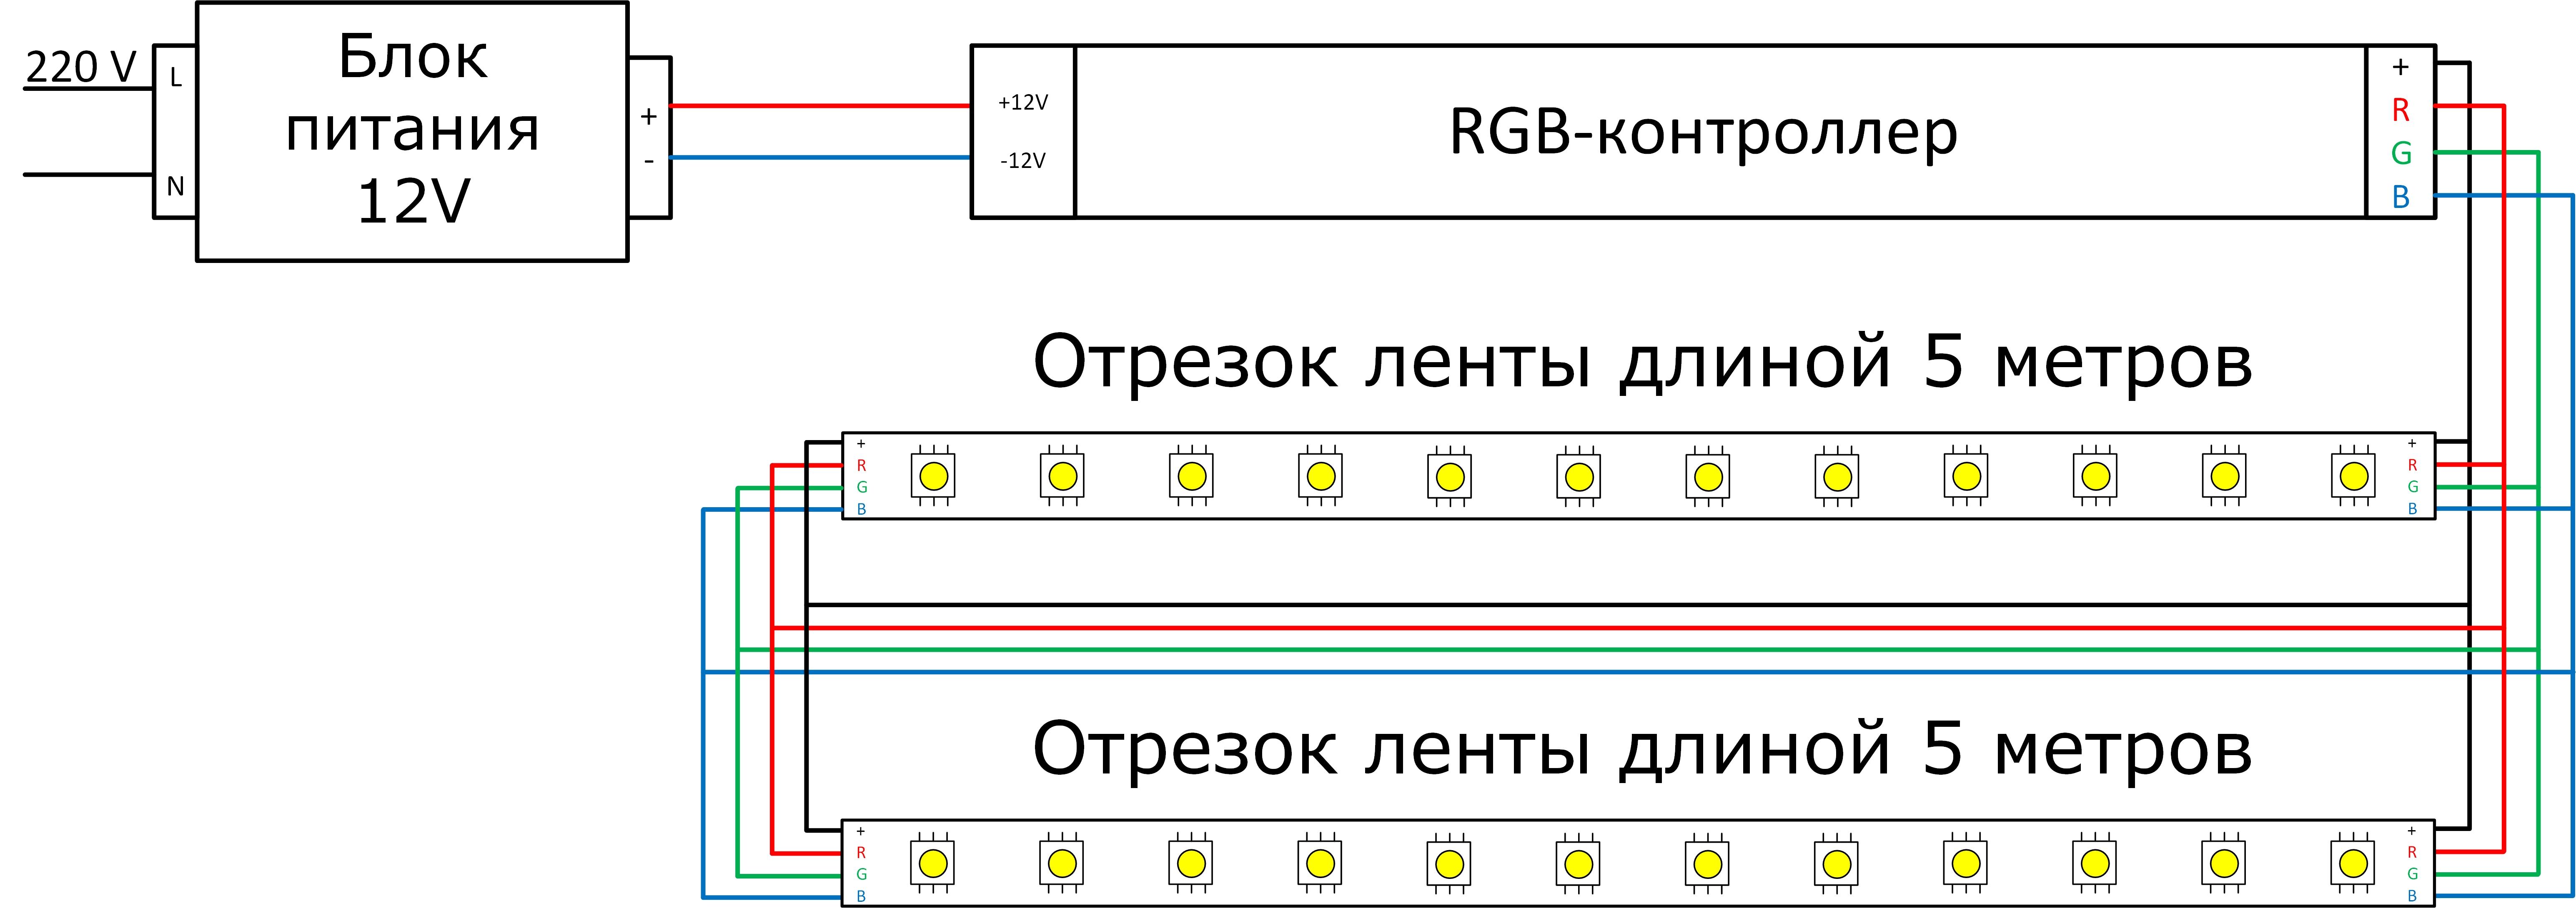 Как устроена светодиодная лента, что нужно знать при подключении